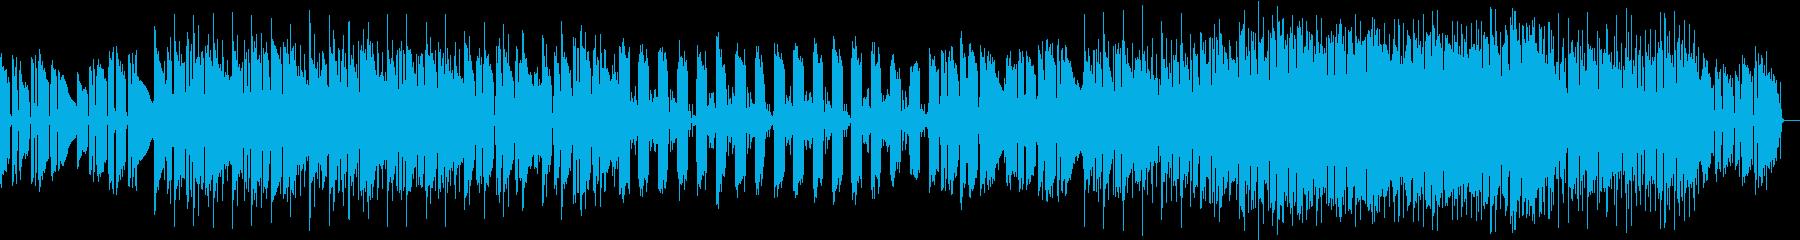 キラキラ系のBGMの再生済みの波形